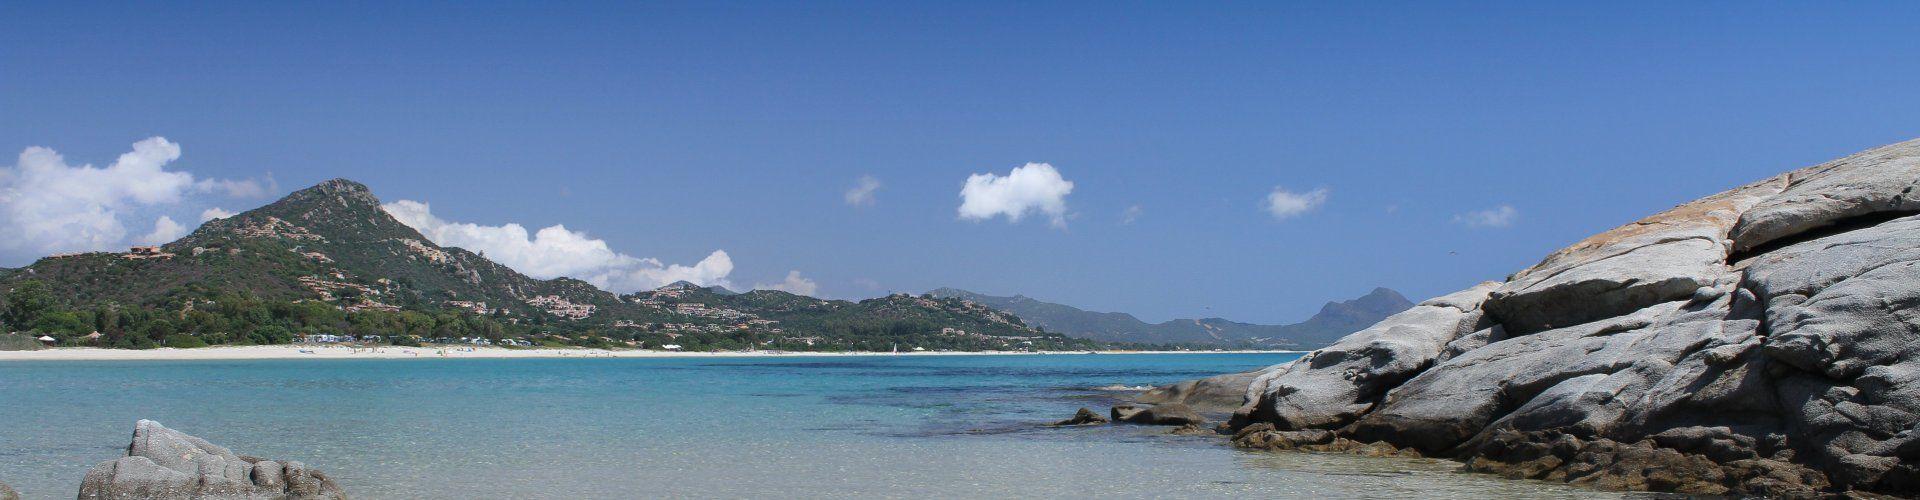 Spiaggia Scoglio di Peppino a Costa Rei